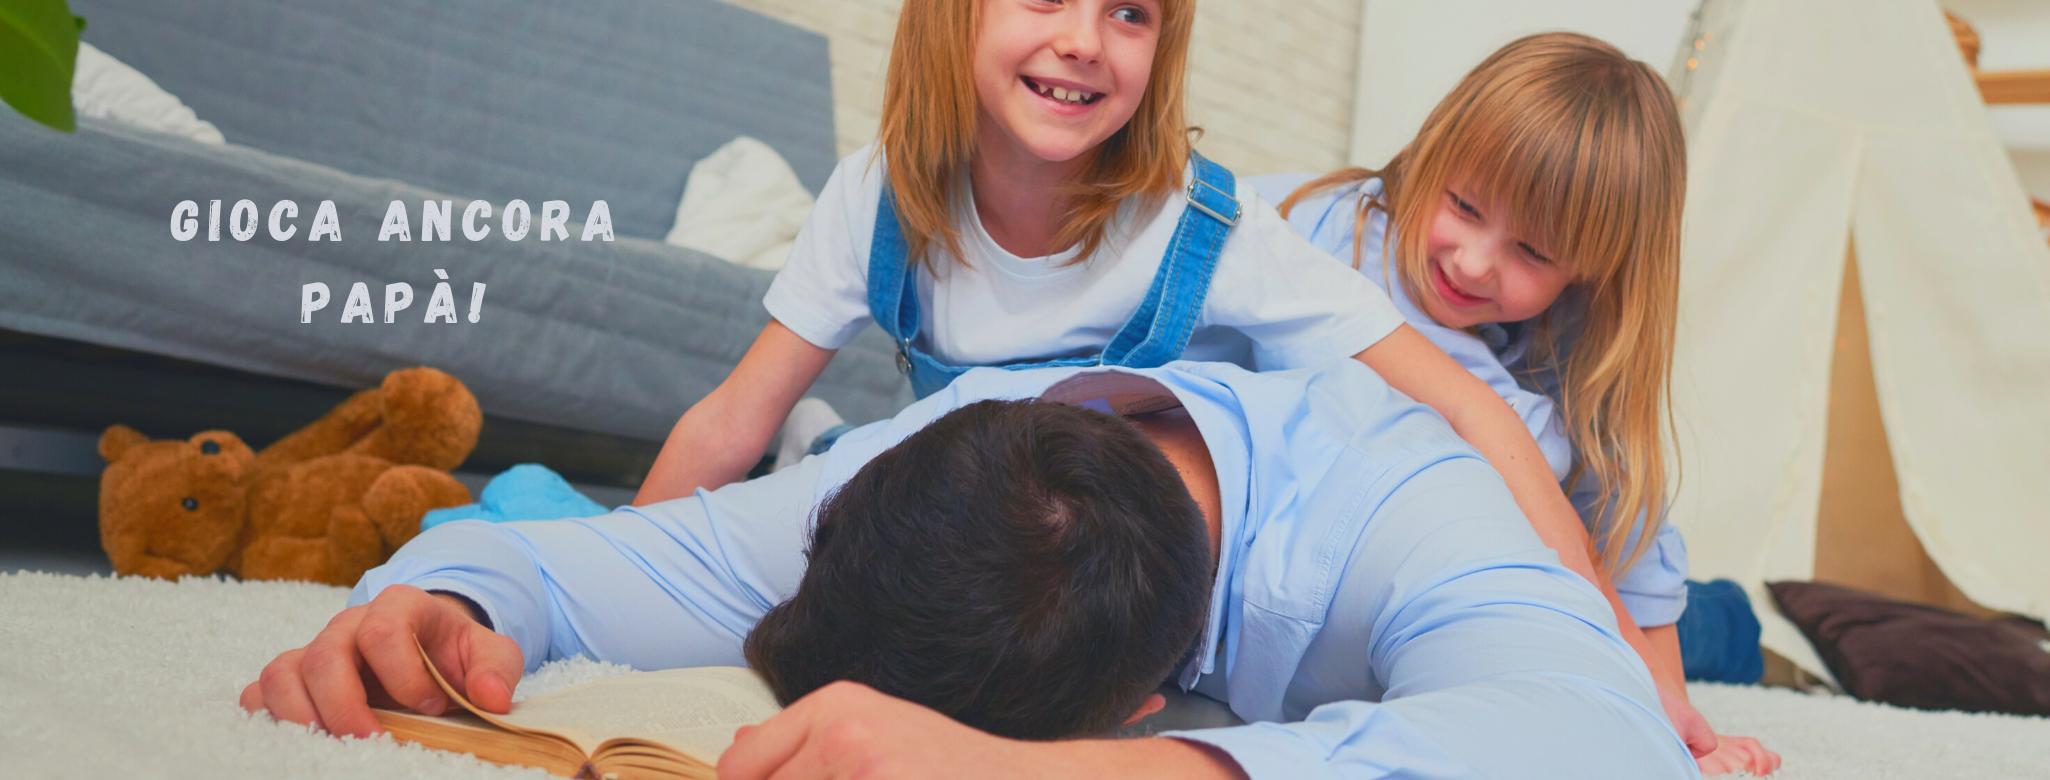 """Immagine di un uomo sdraiato sul tappeto accanto al divano, con bimbe sulla schiena e scritta: """"Gioca ancora, papà!"""""""